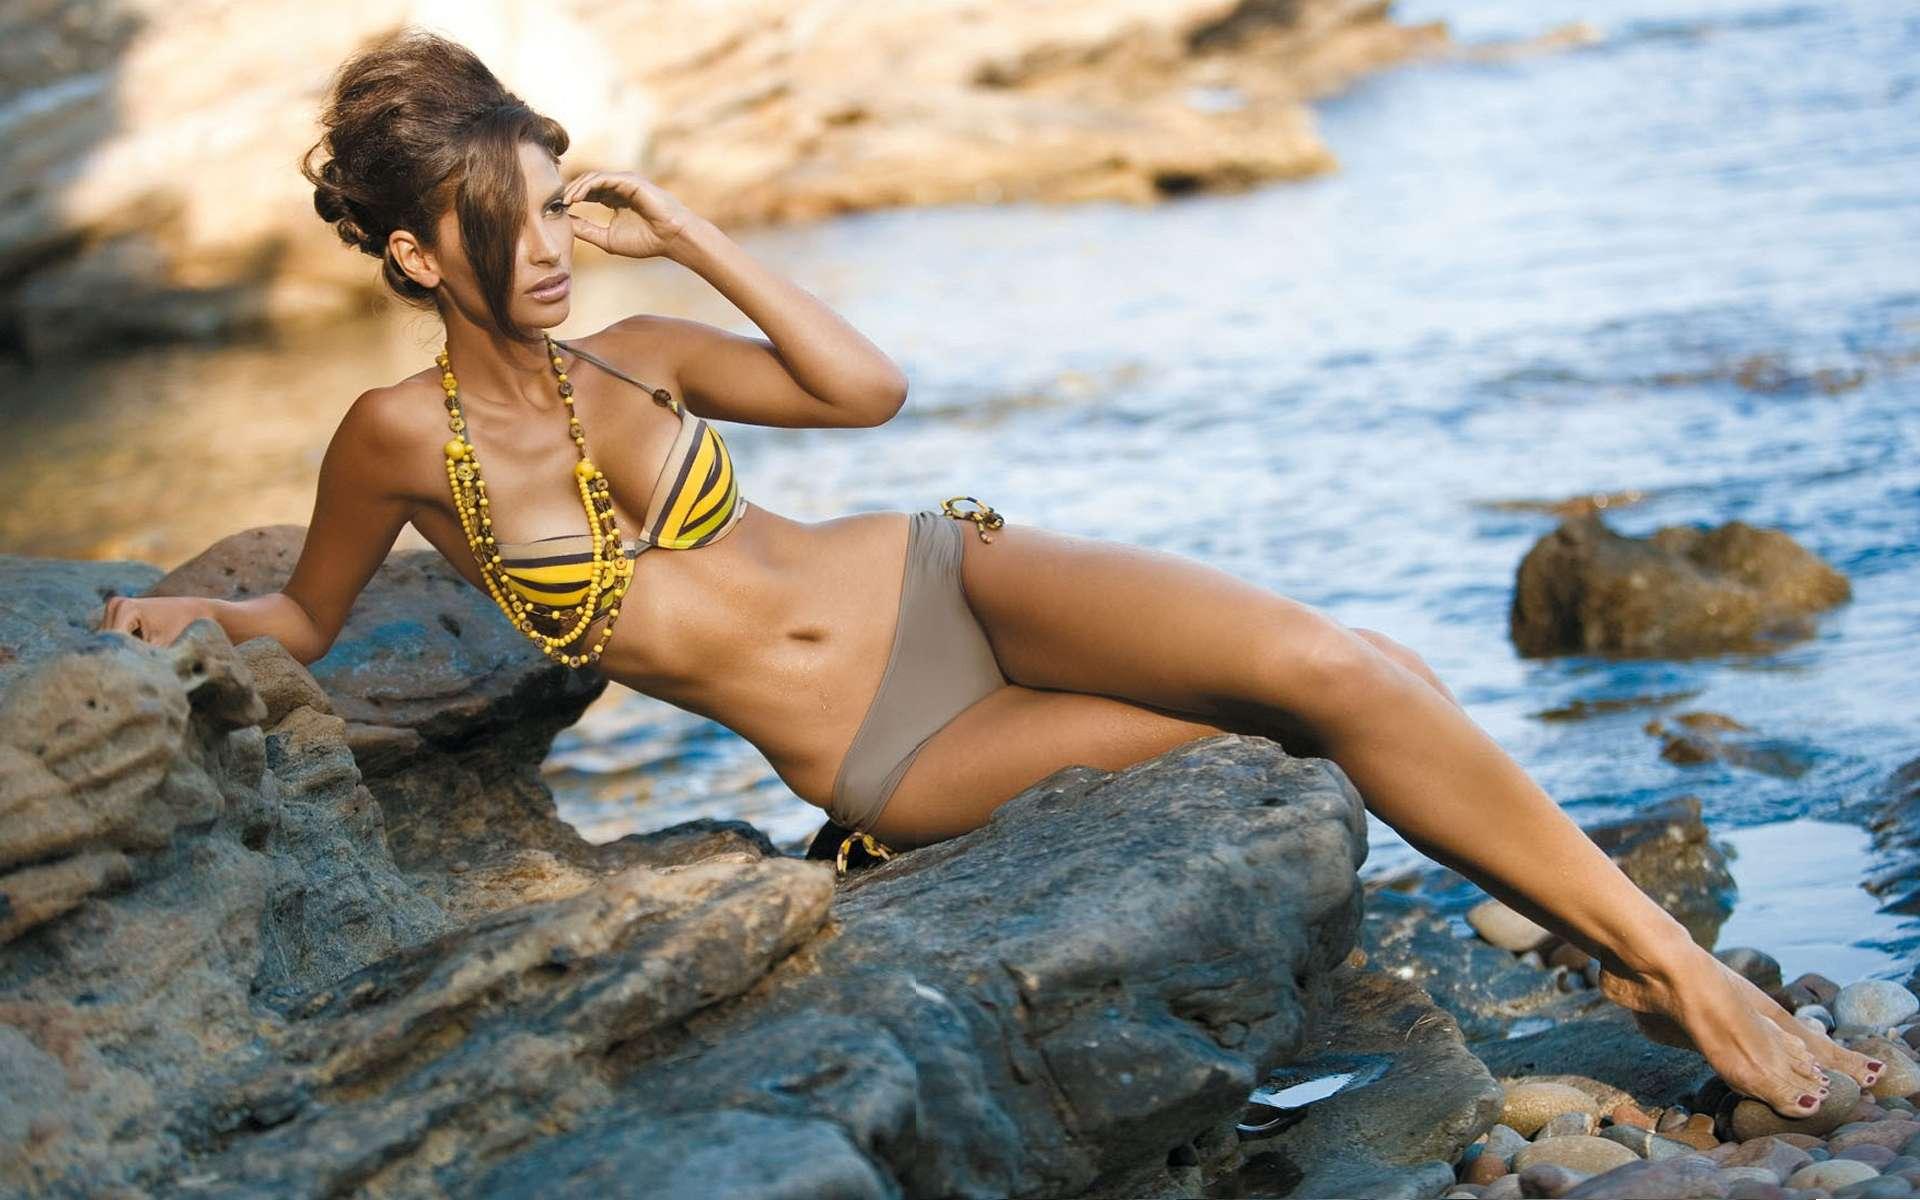 худая модели на пляже техники, которые позволяют